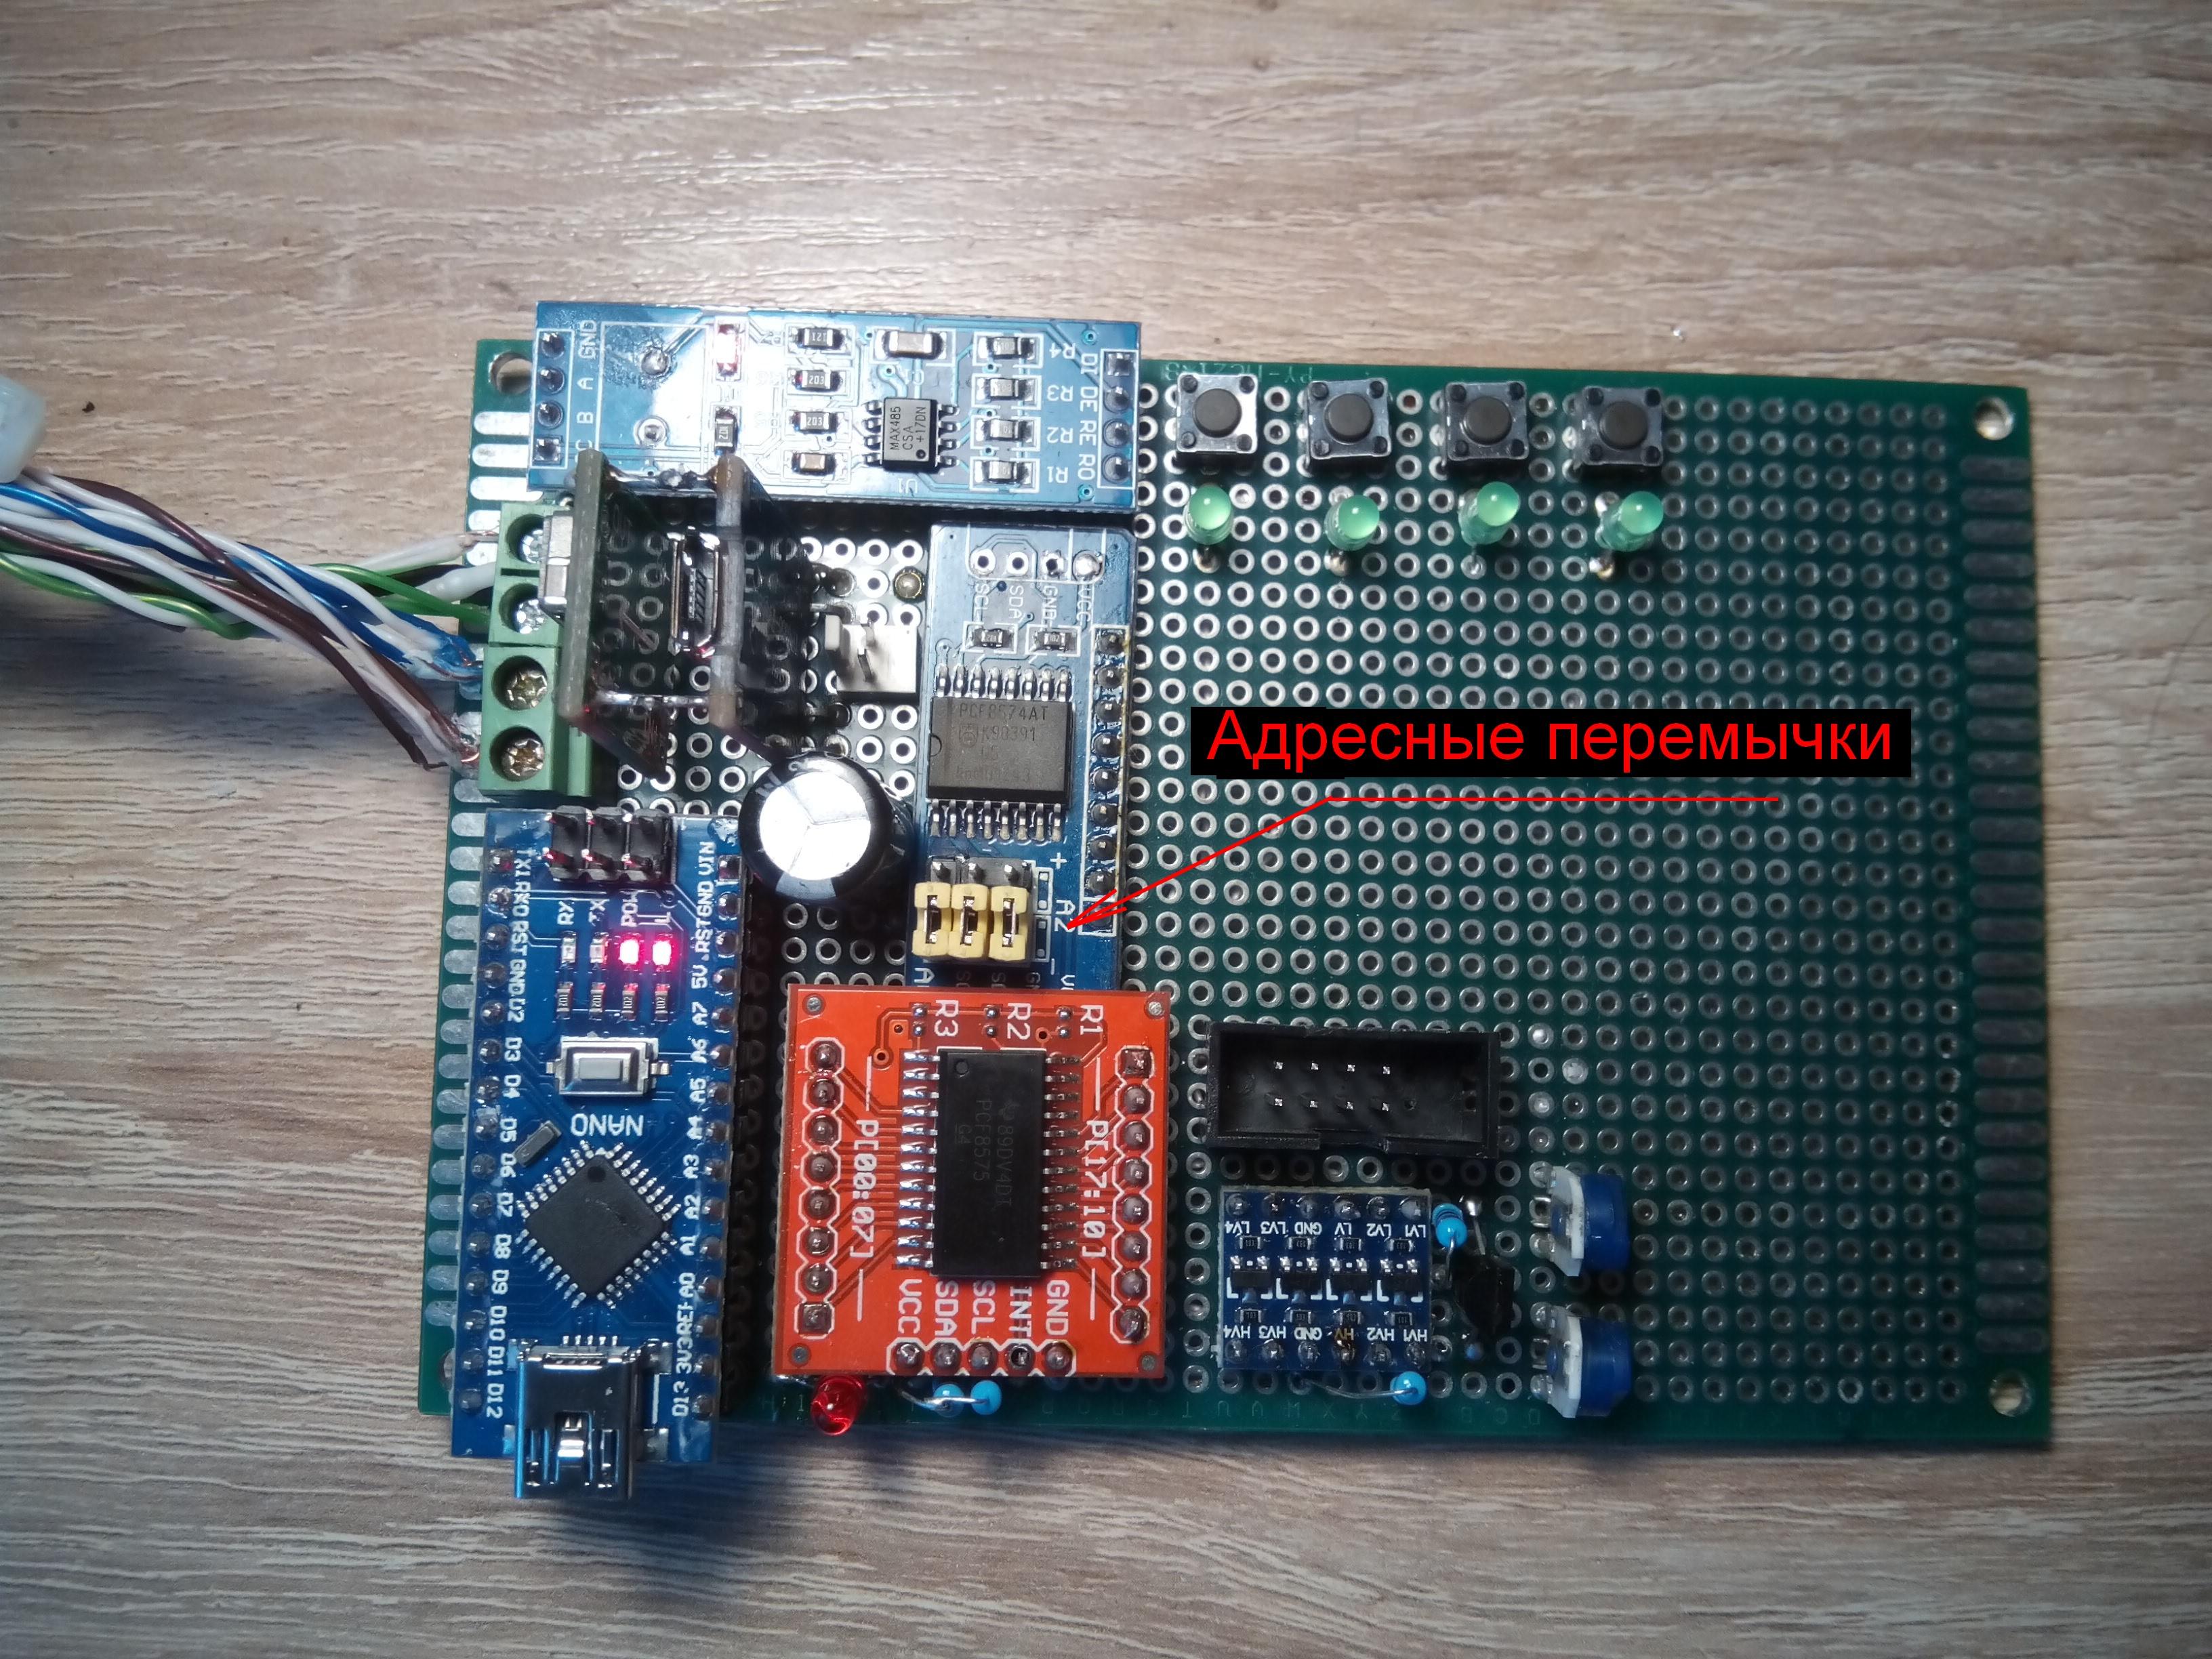 Плата с подключенными PCF8574 и PCF8575 к Ардуино Nano